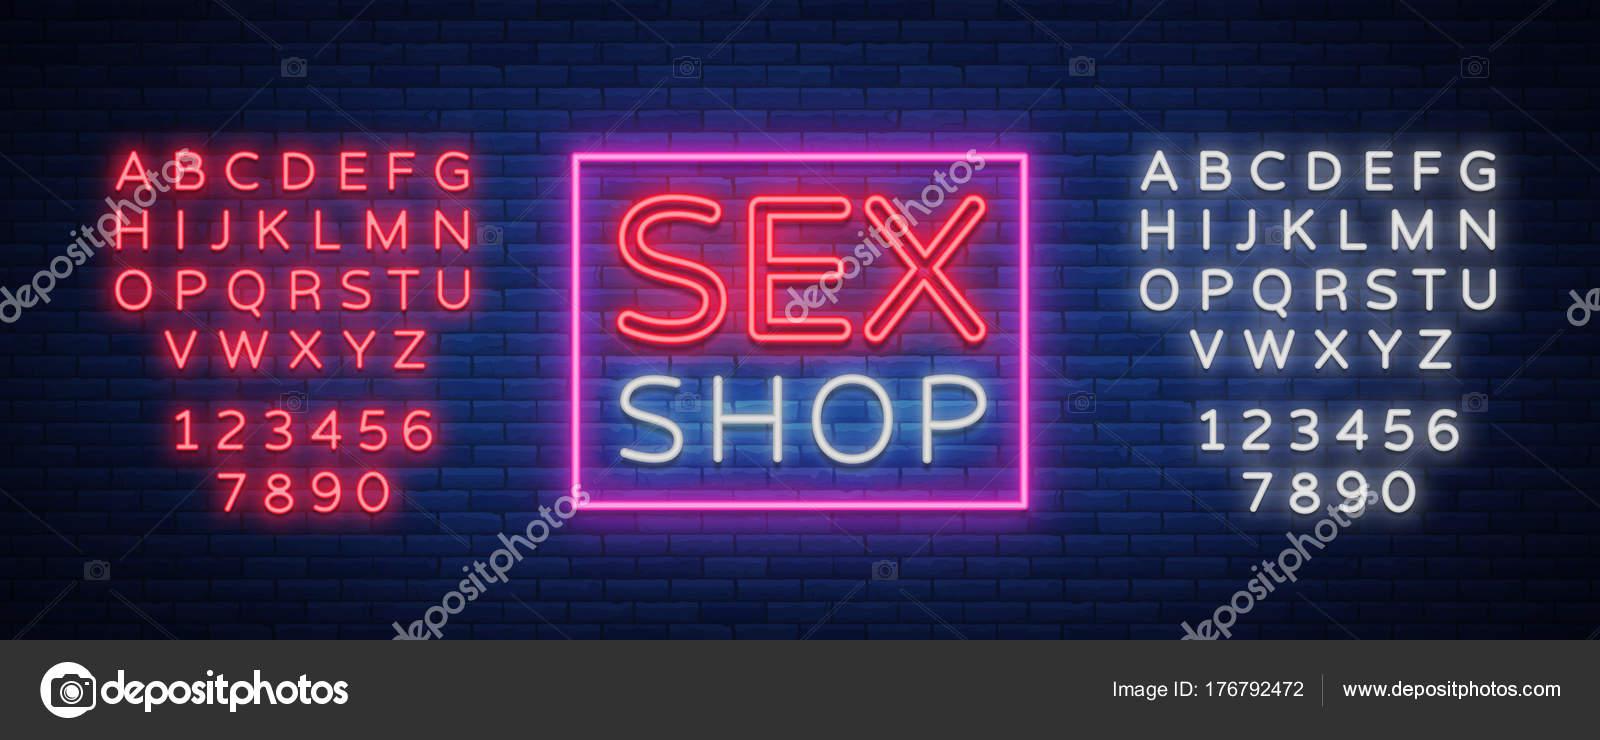 Adult bc sex shop